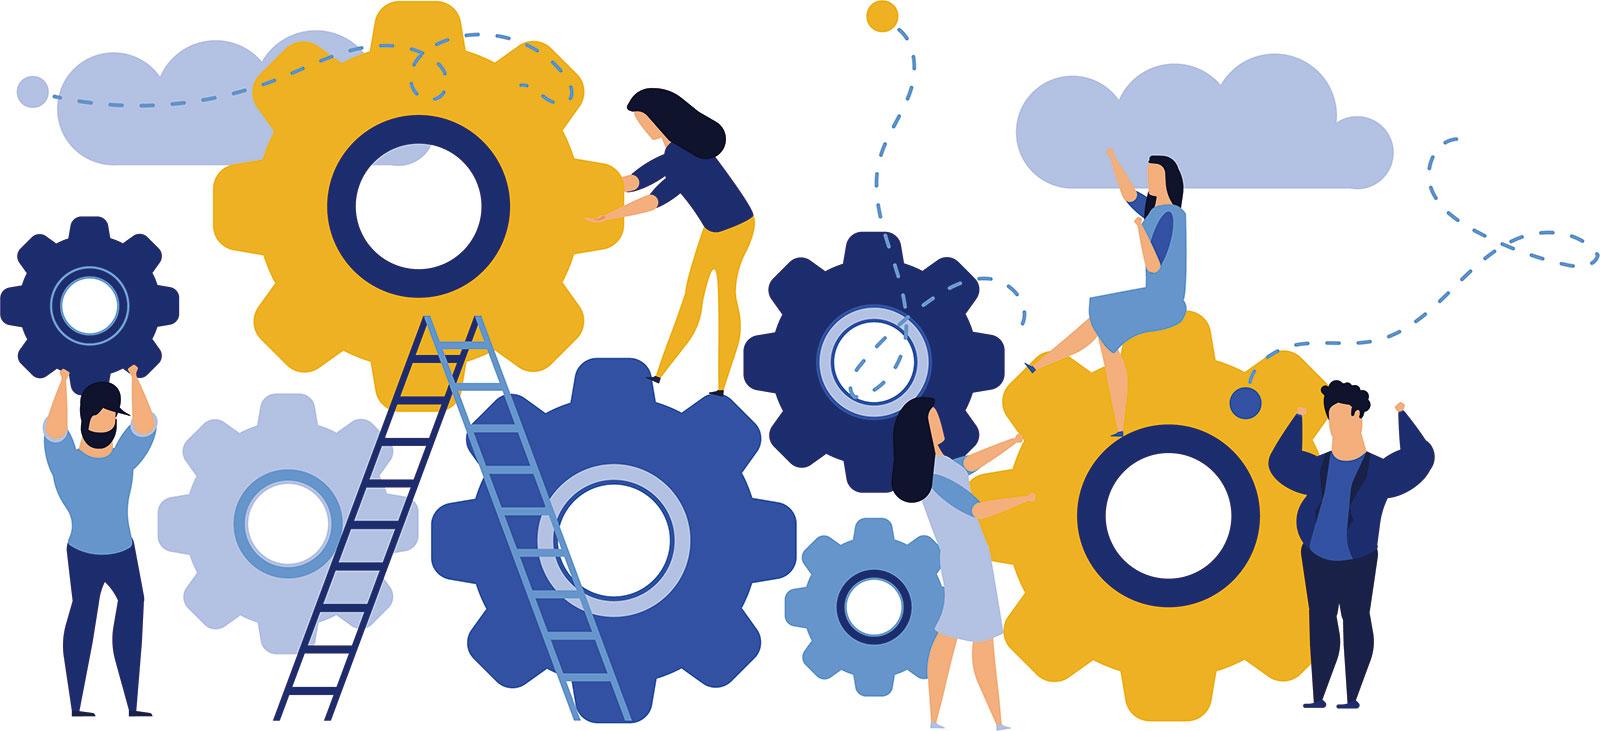 クライアントに寄り添った業務プロセス改革支援